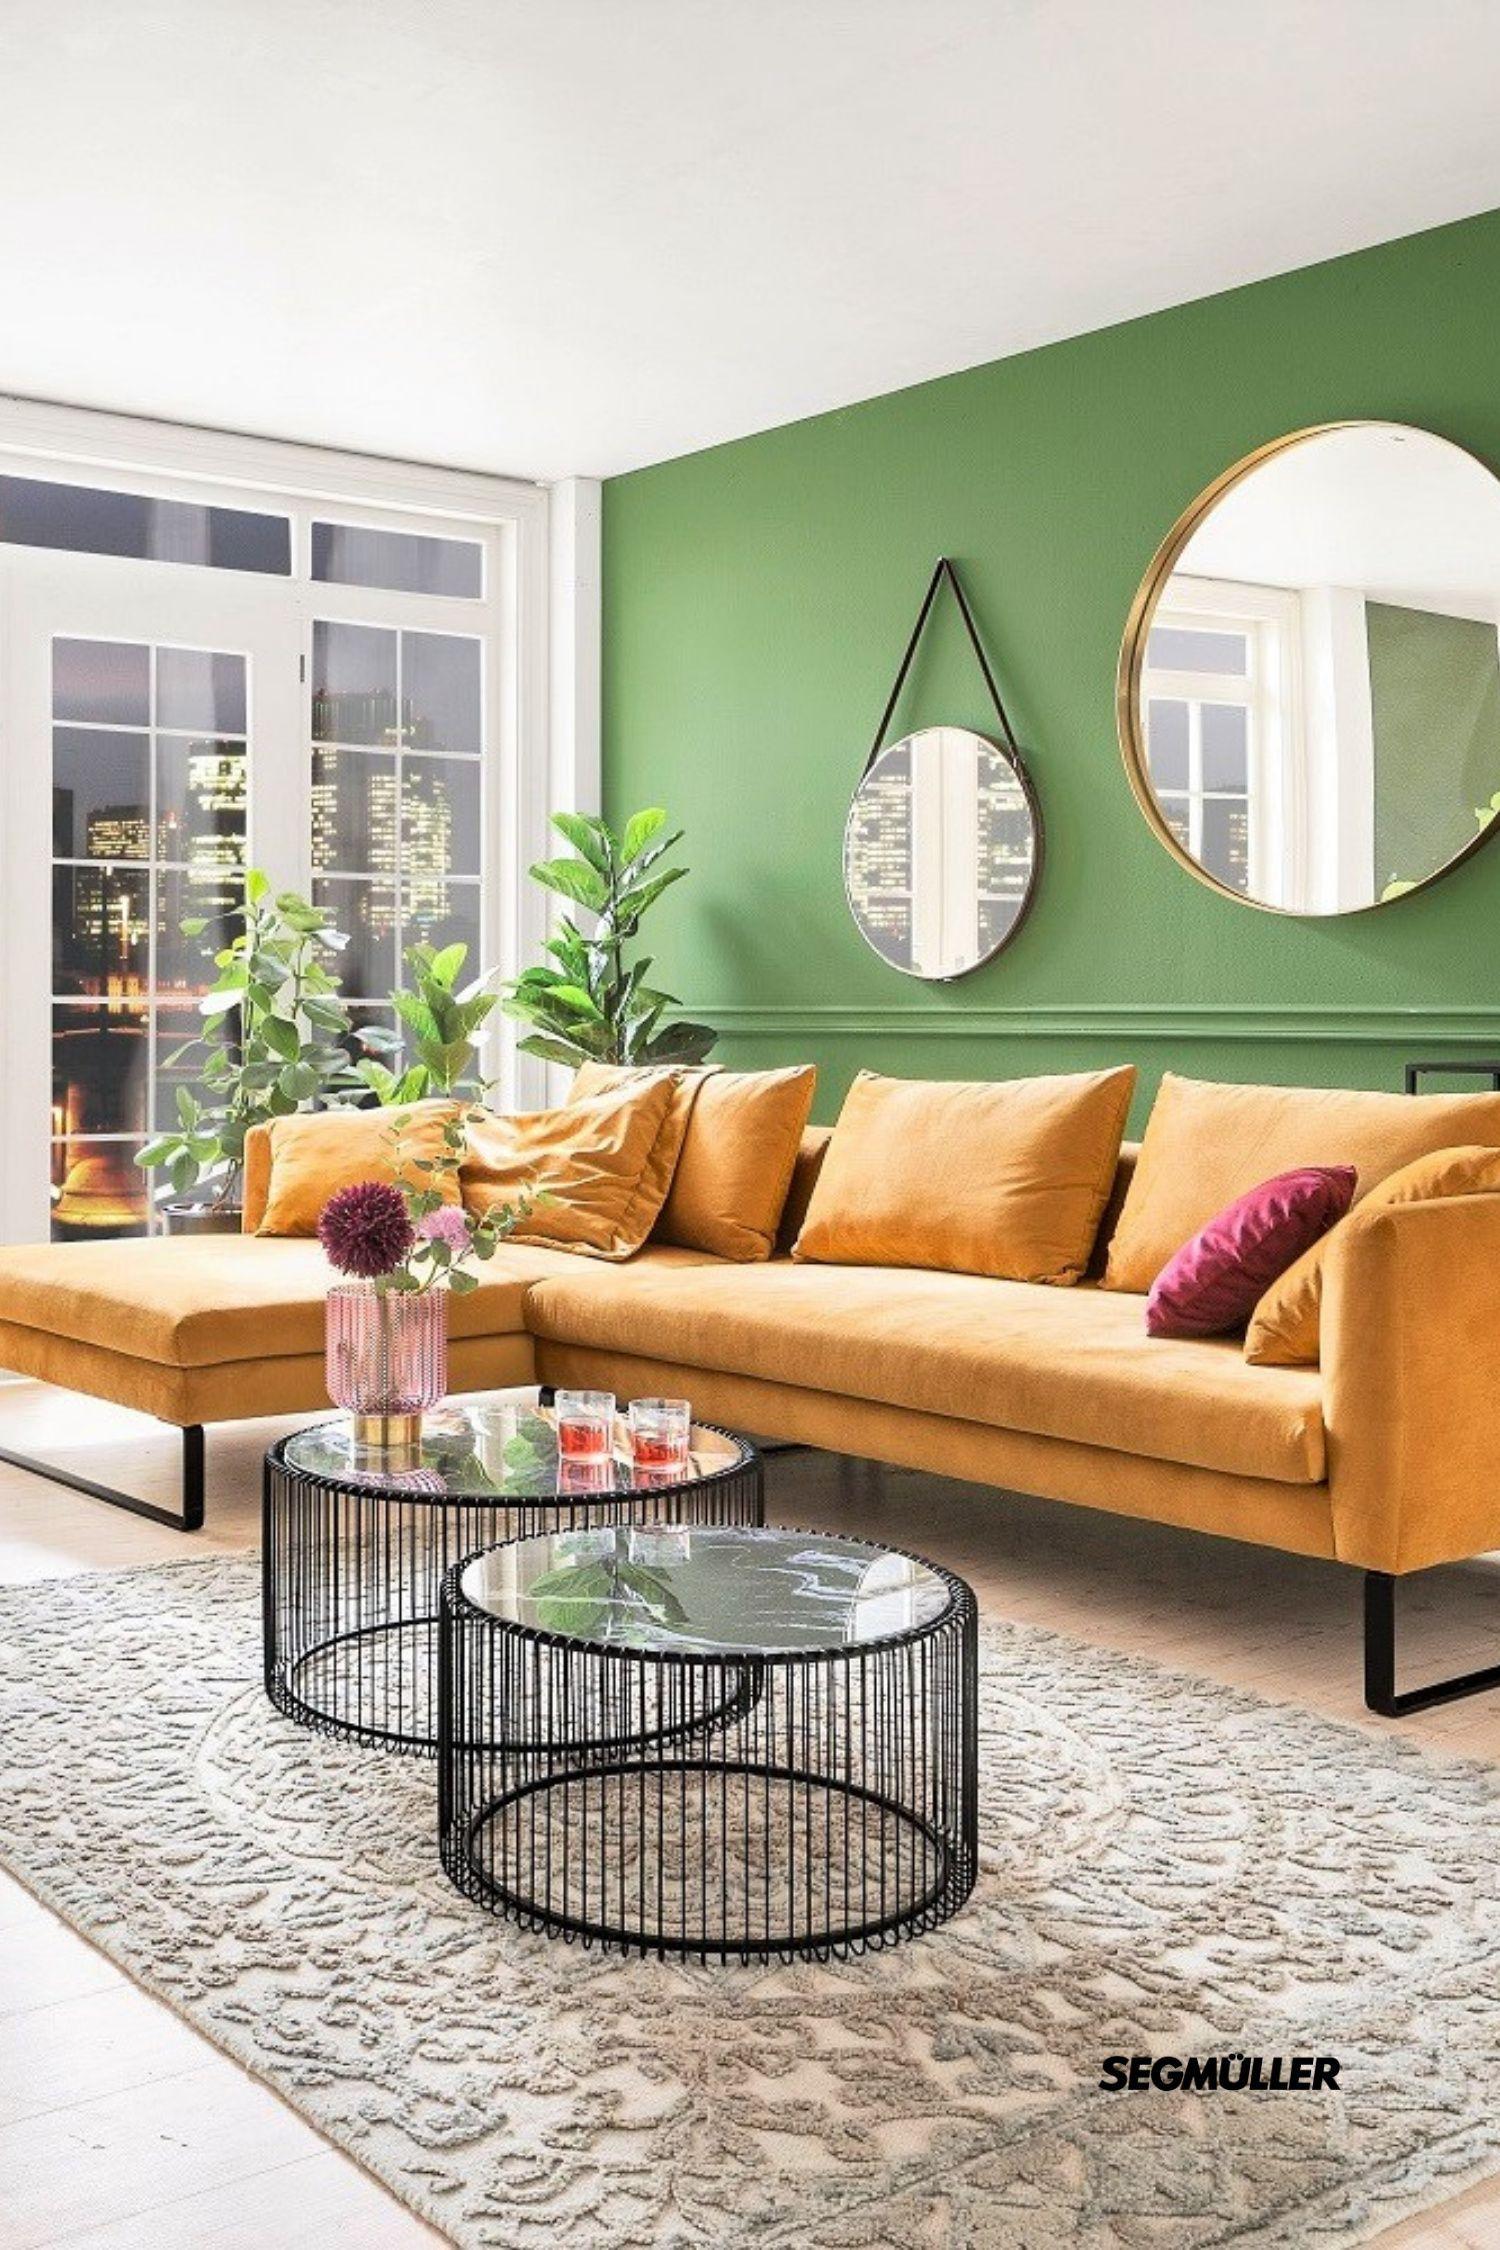 Magazin - Wohnzimmer Ideen Gelb in 10  Dekor, Wohnzimmer ideen